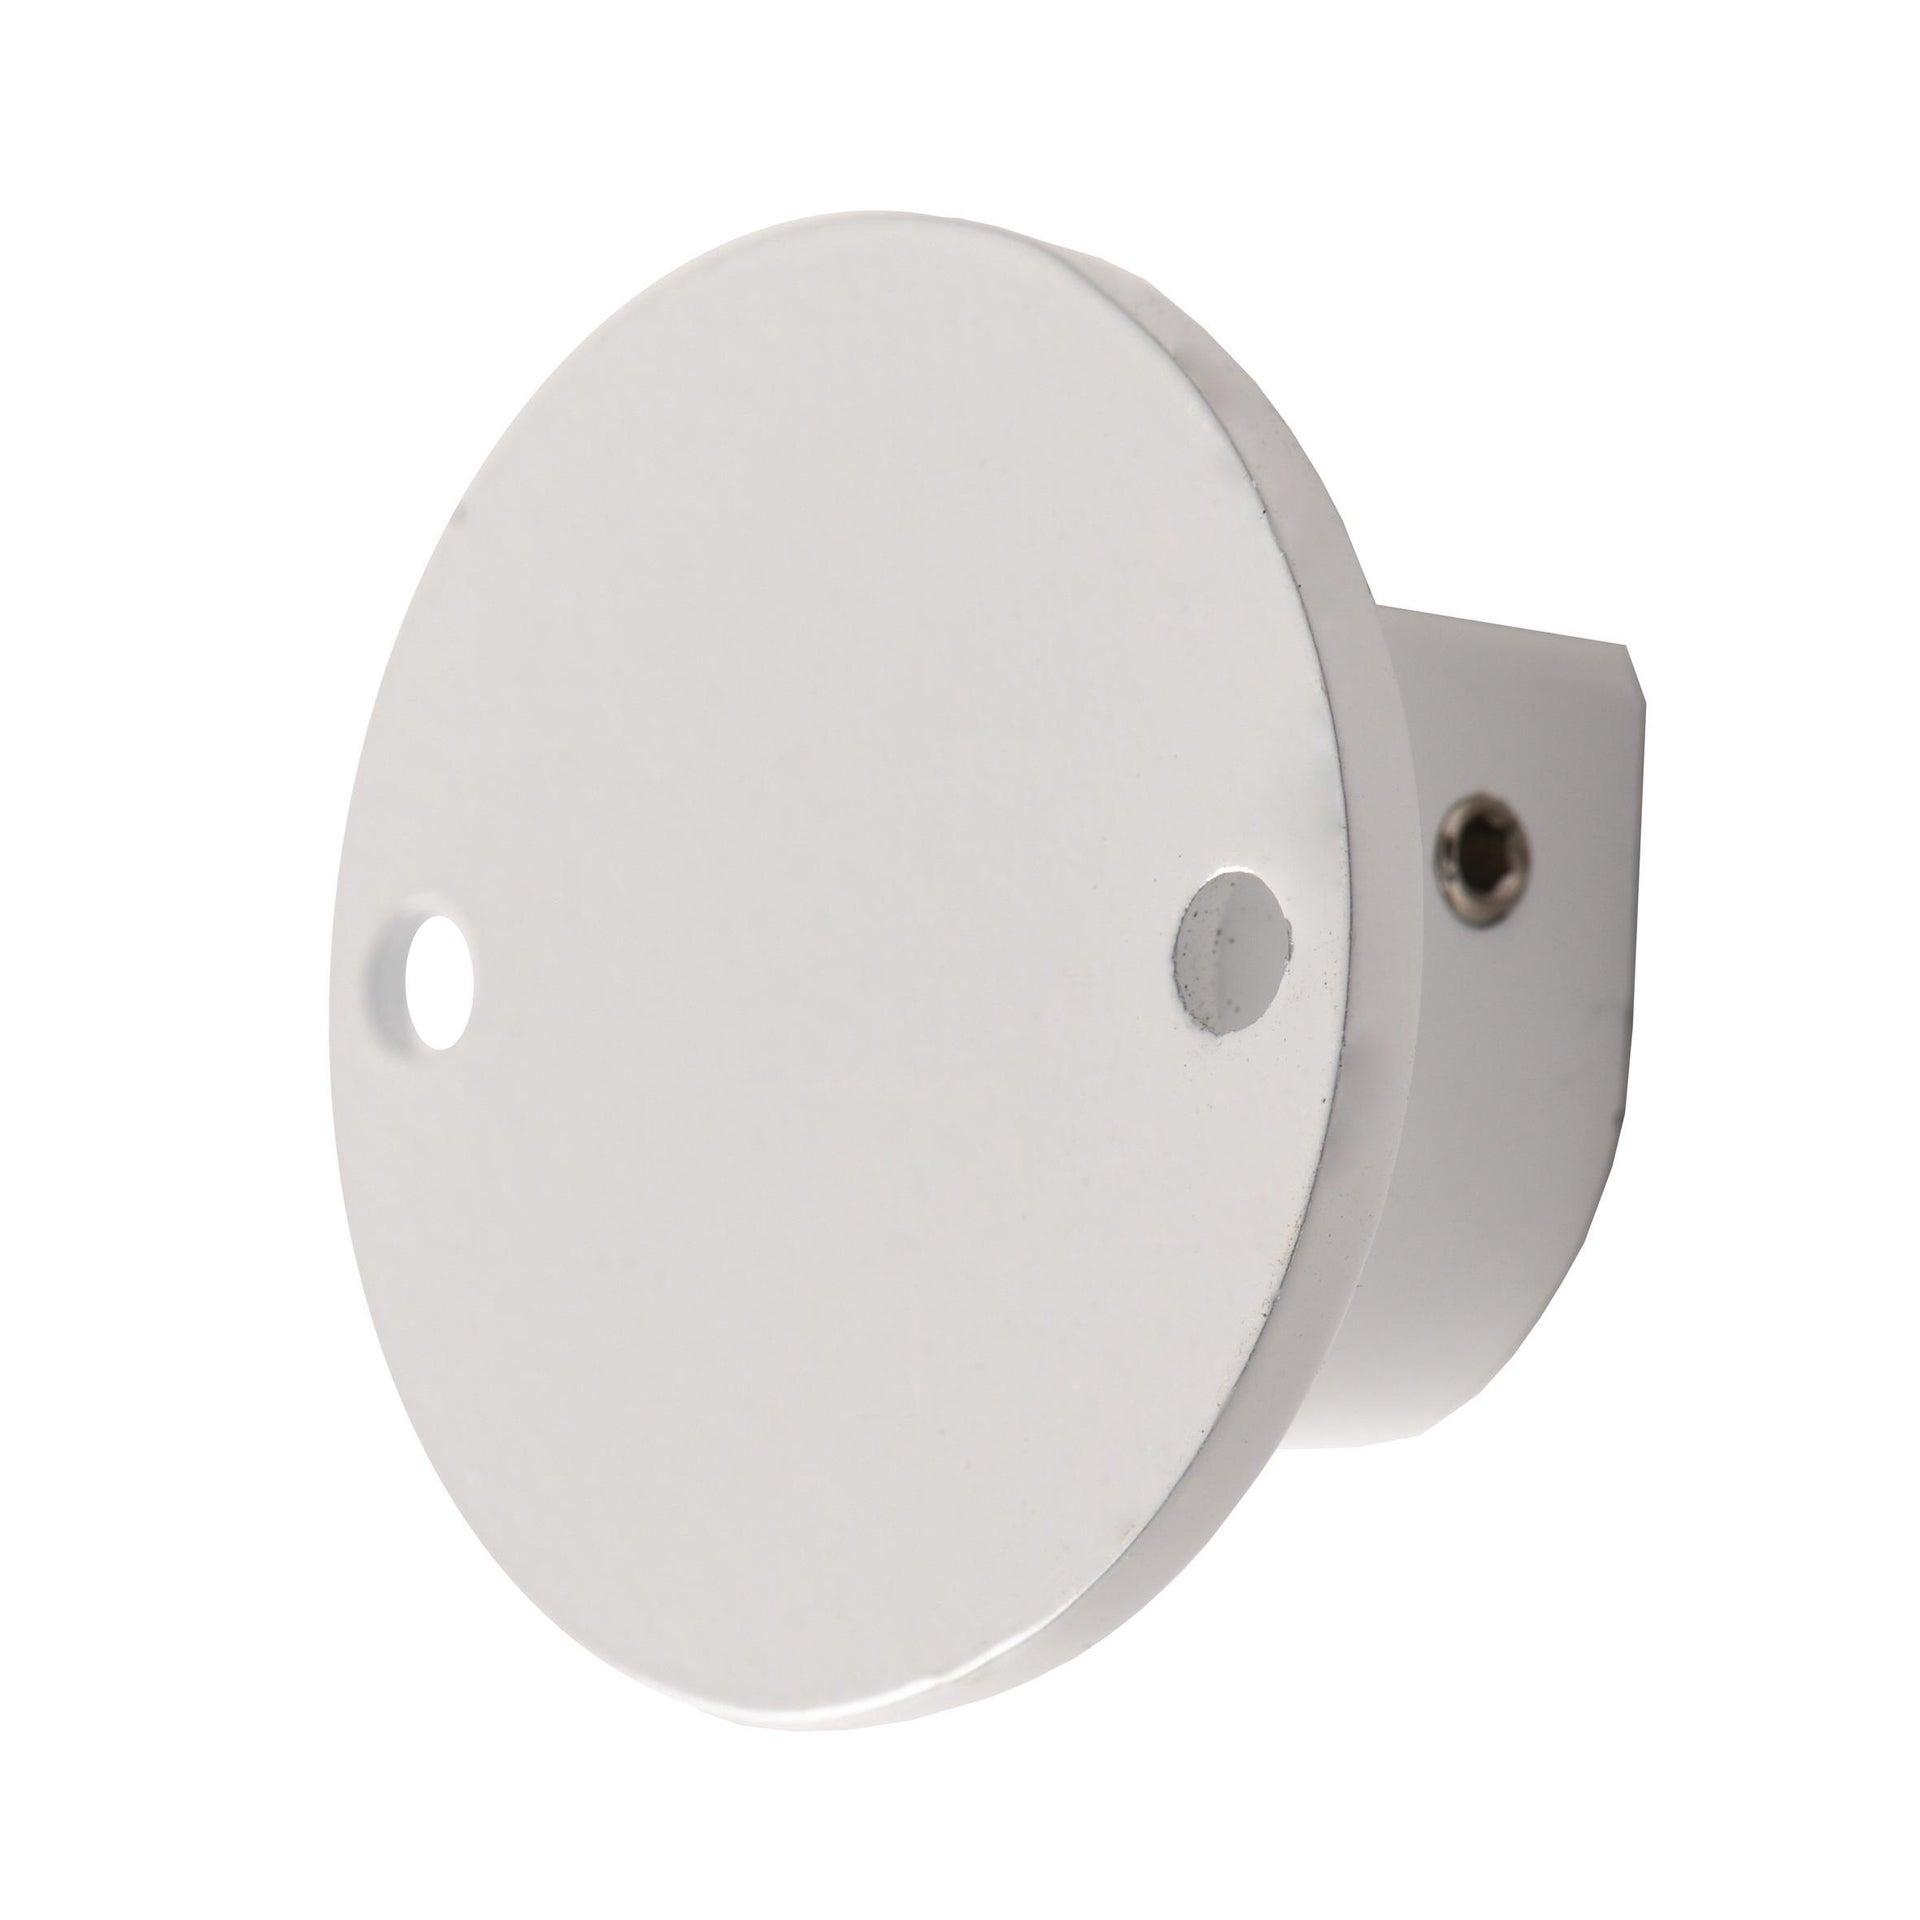 Finale per bastone Nilo tappo in metallo Ø20mm bianco lucido INSPIRE Set di 2 pezzi - 9